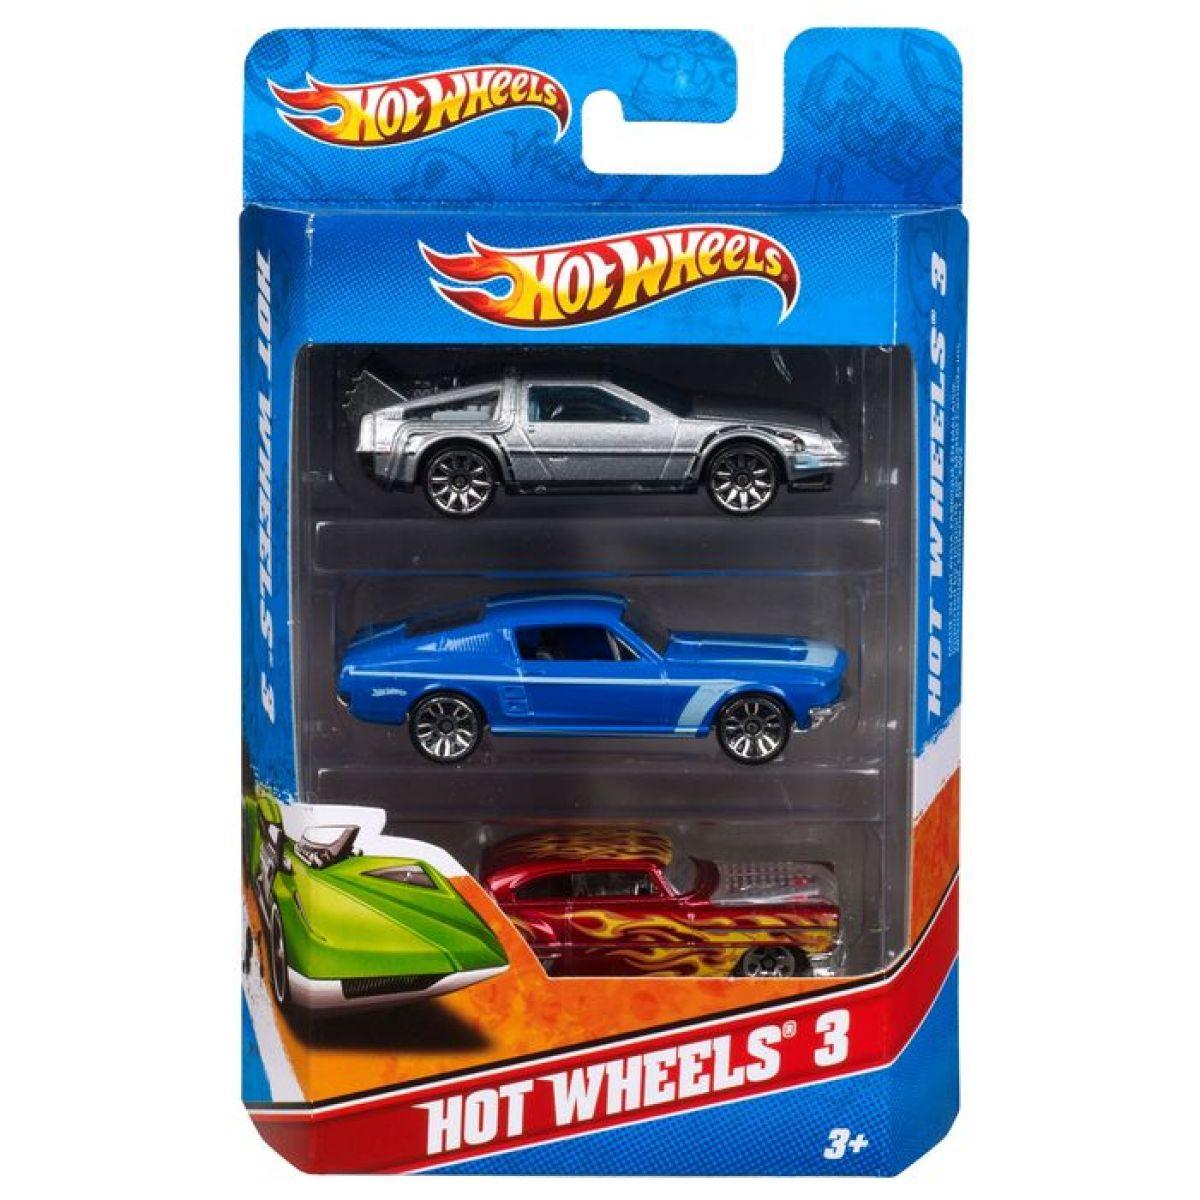 Hot Wheels Sada angličákov 3 ks